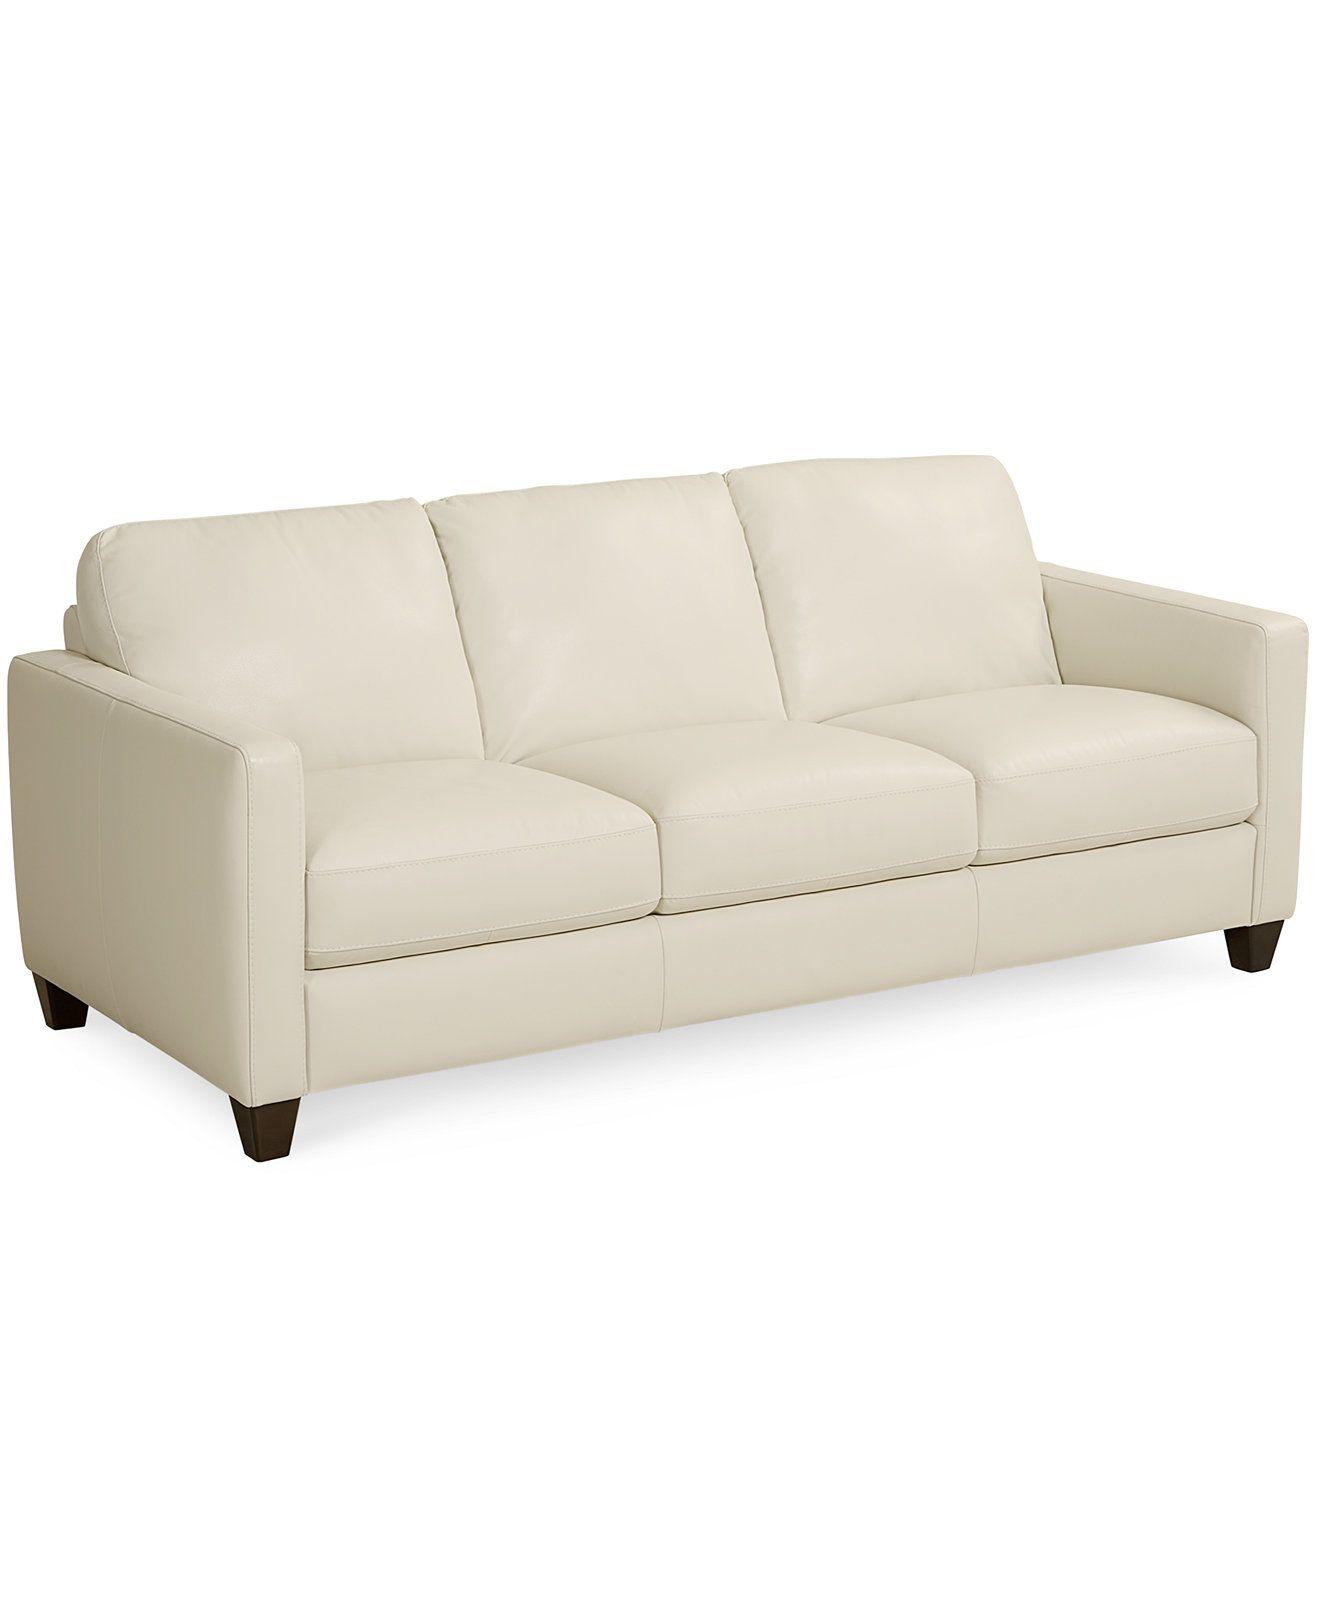 Macy S Macy S Zane White Leather Sofa Sofas: Couches & Sofas